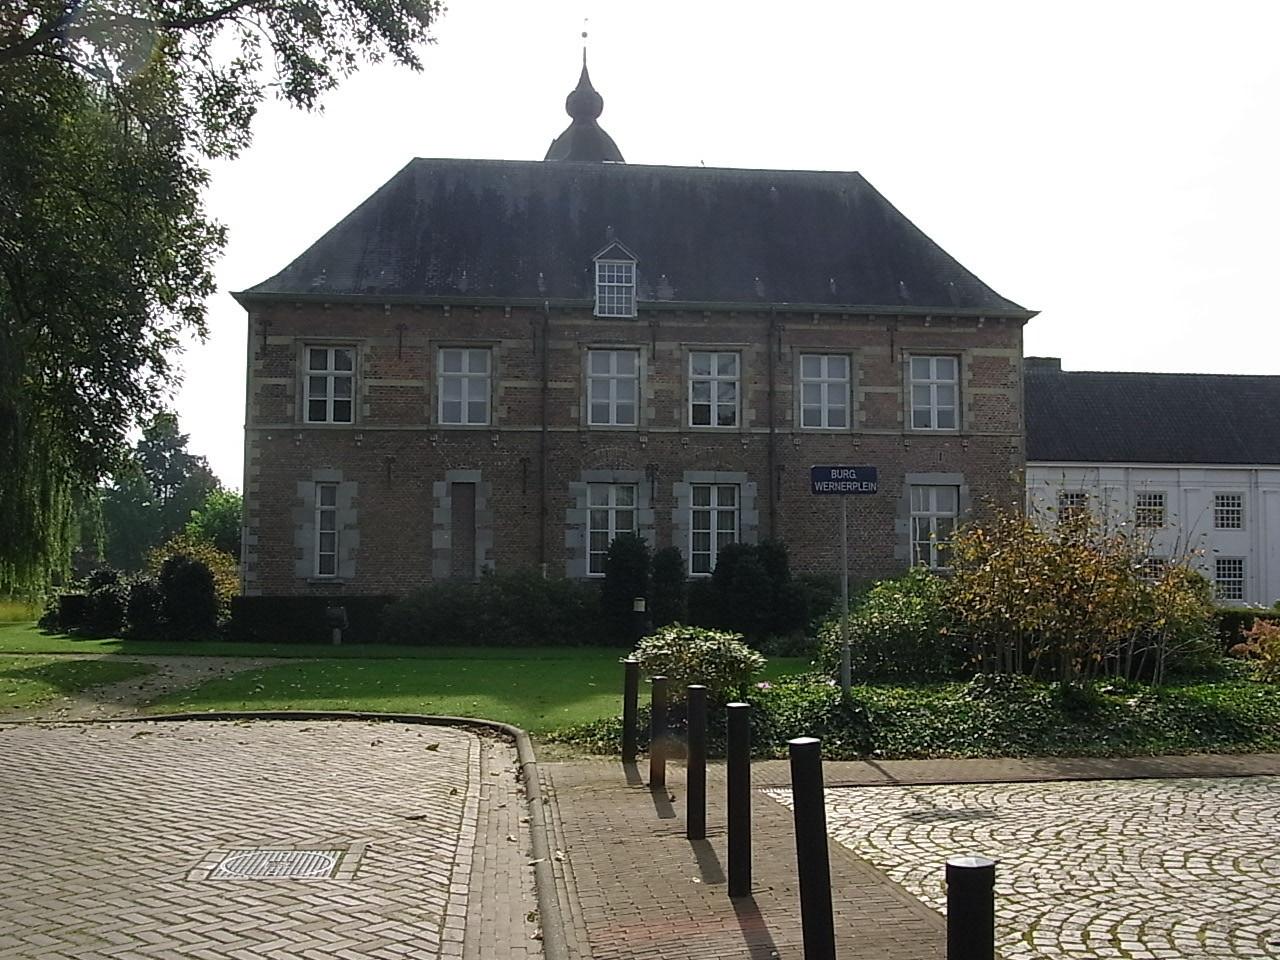 Burg Wernerplein in Sint-Oedenrode